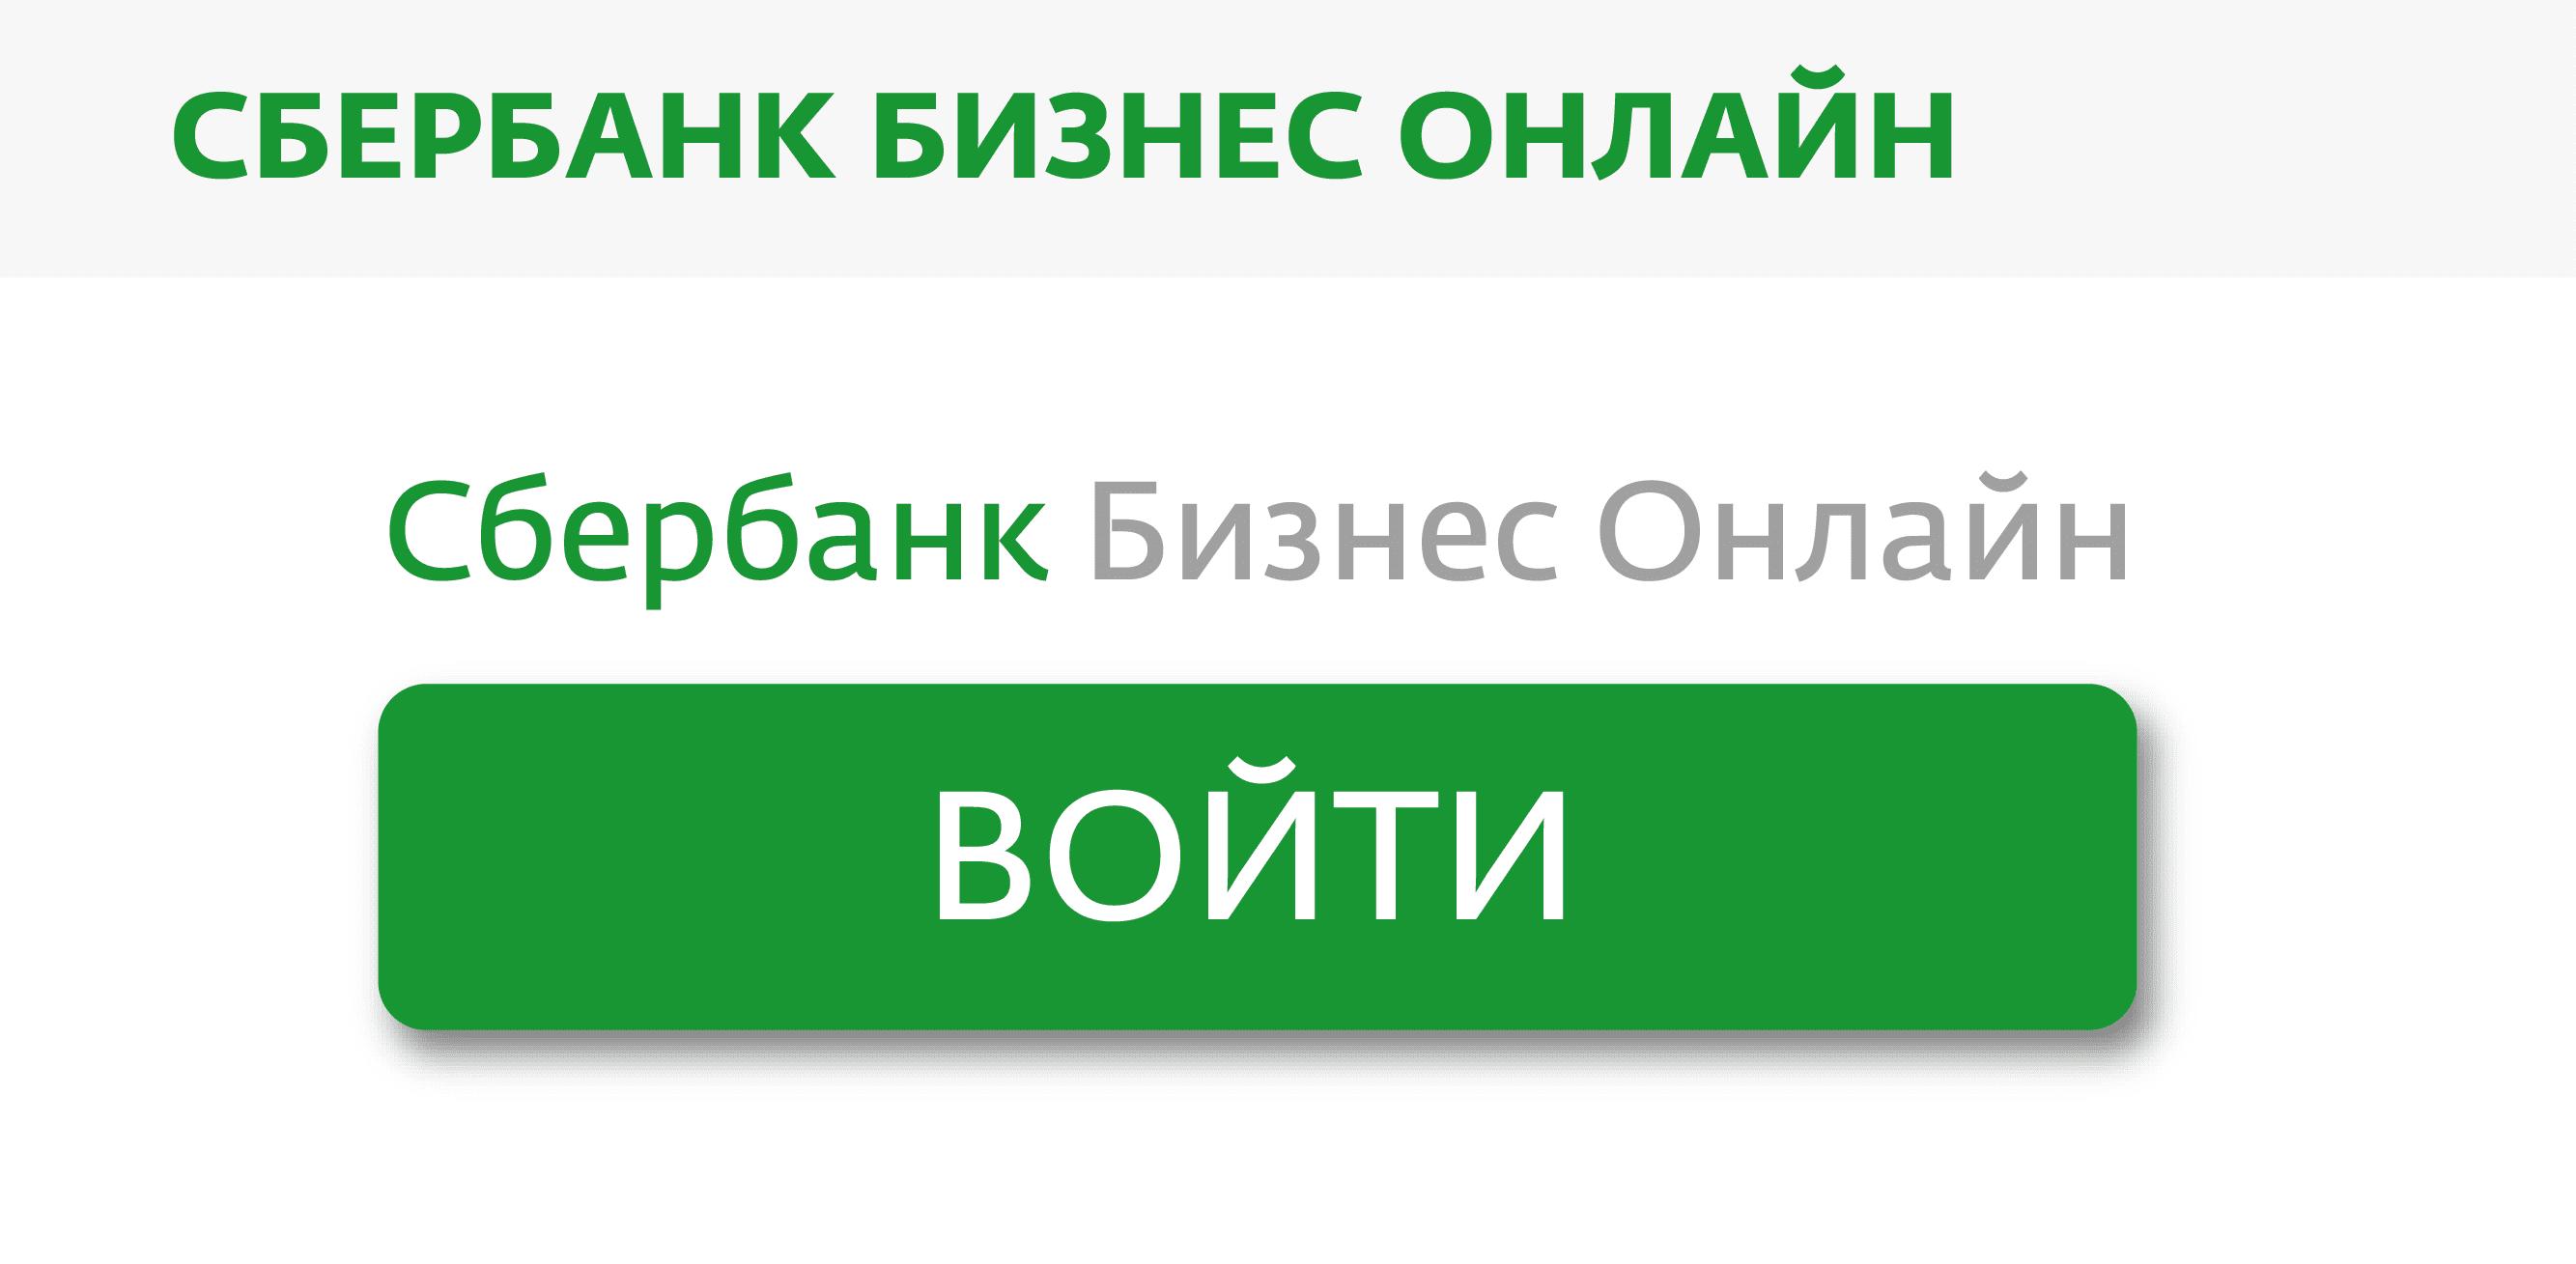 как перевести деньги с баланса телефона на киви кошелек в казахстане